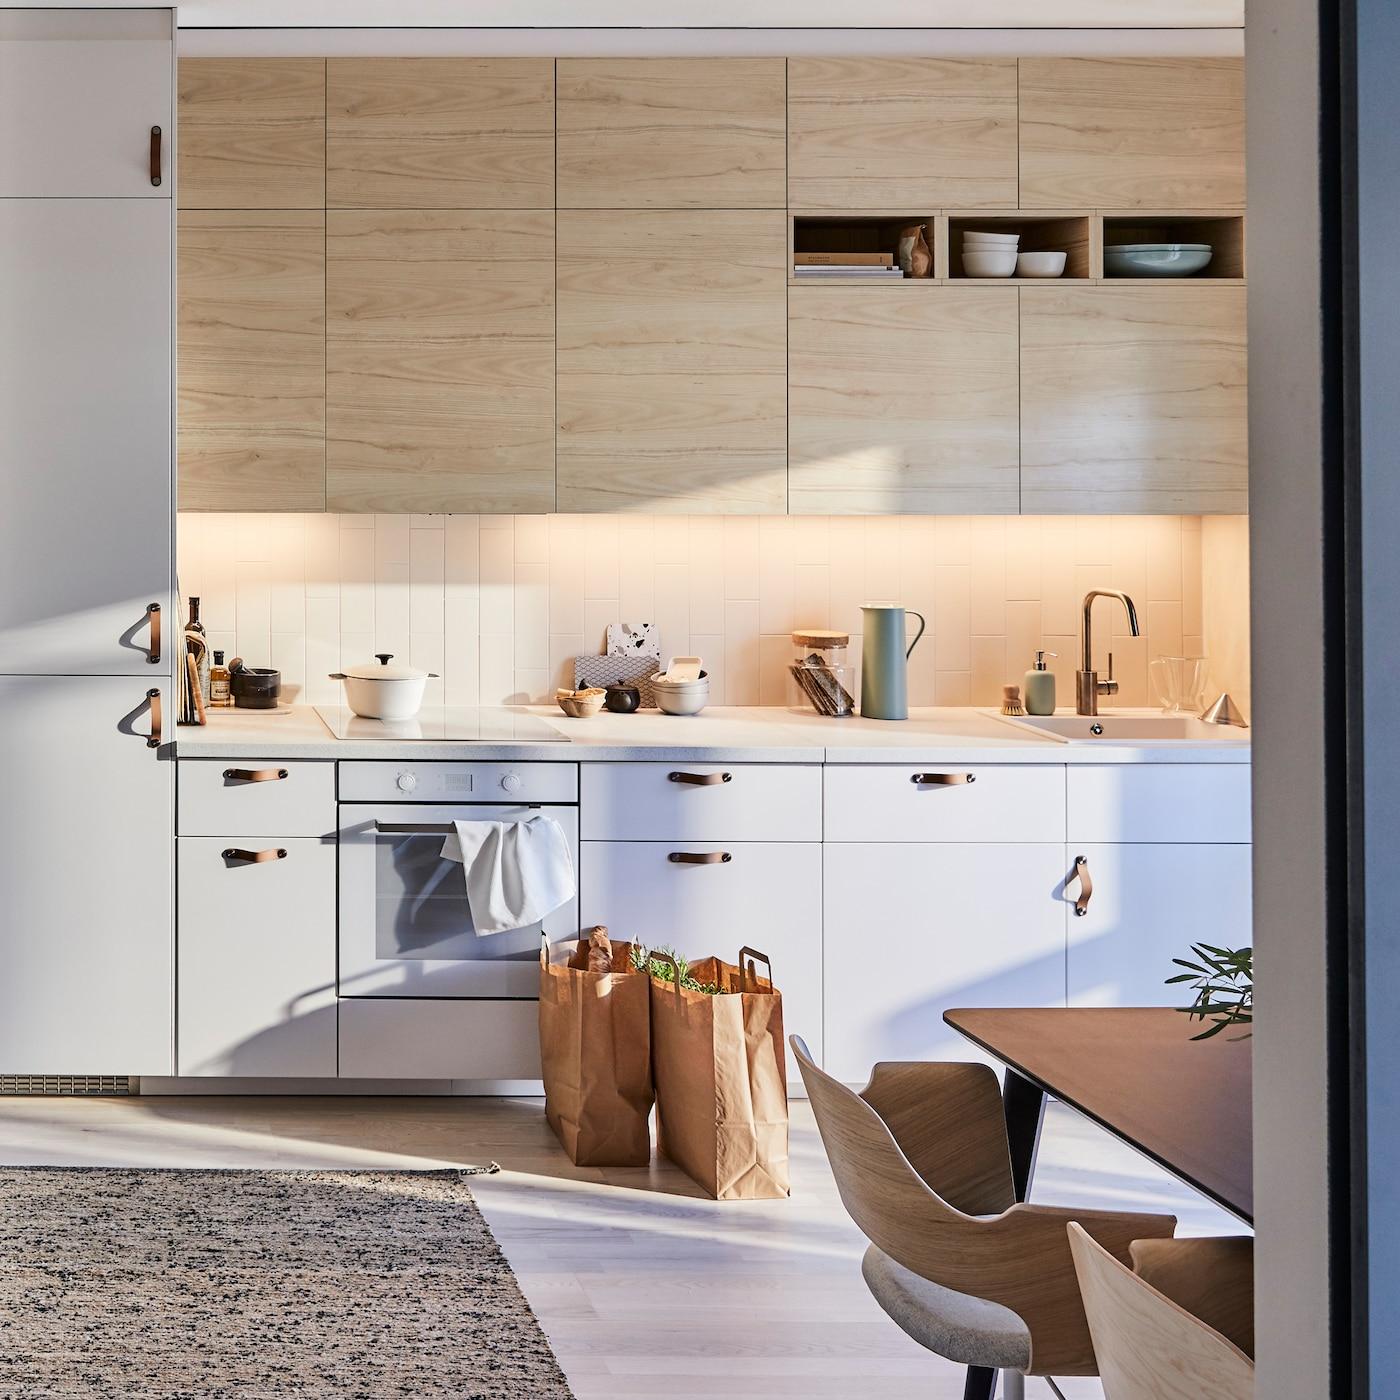 IKEA METOD Küche Mit ASKERSUND Türen Eschenachbildung Hell Passen Wunderbar  Zu MELHOLT Teppich Flach Gewebt Aus